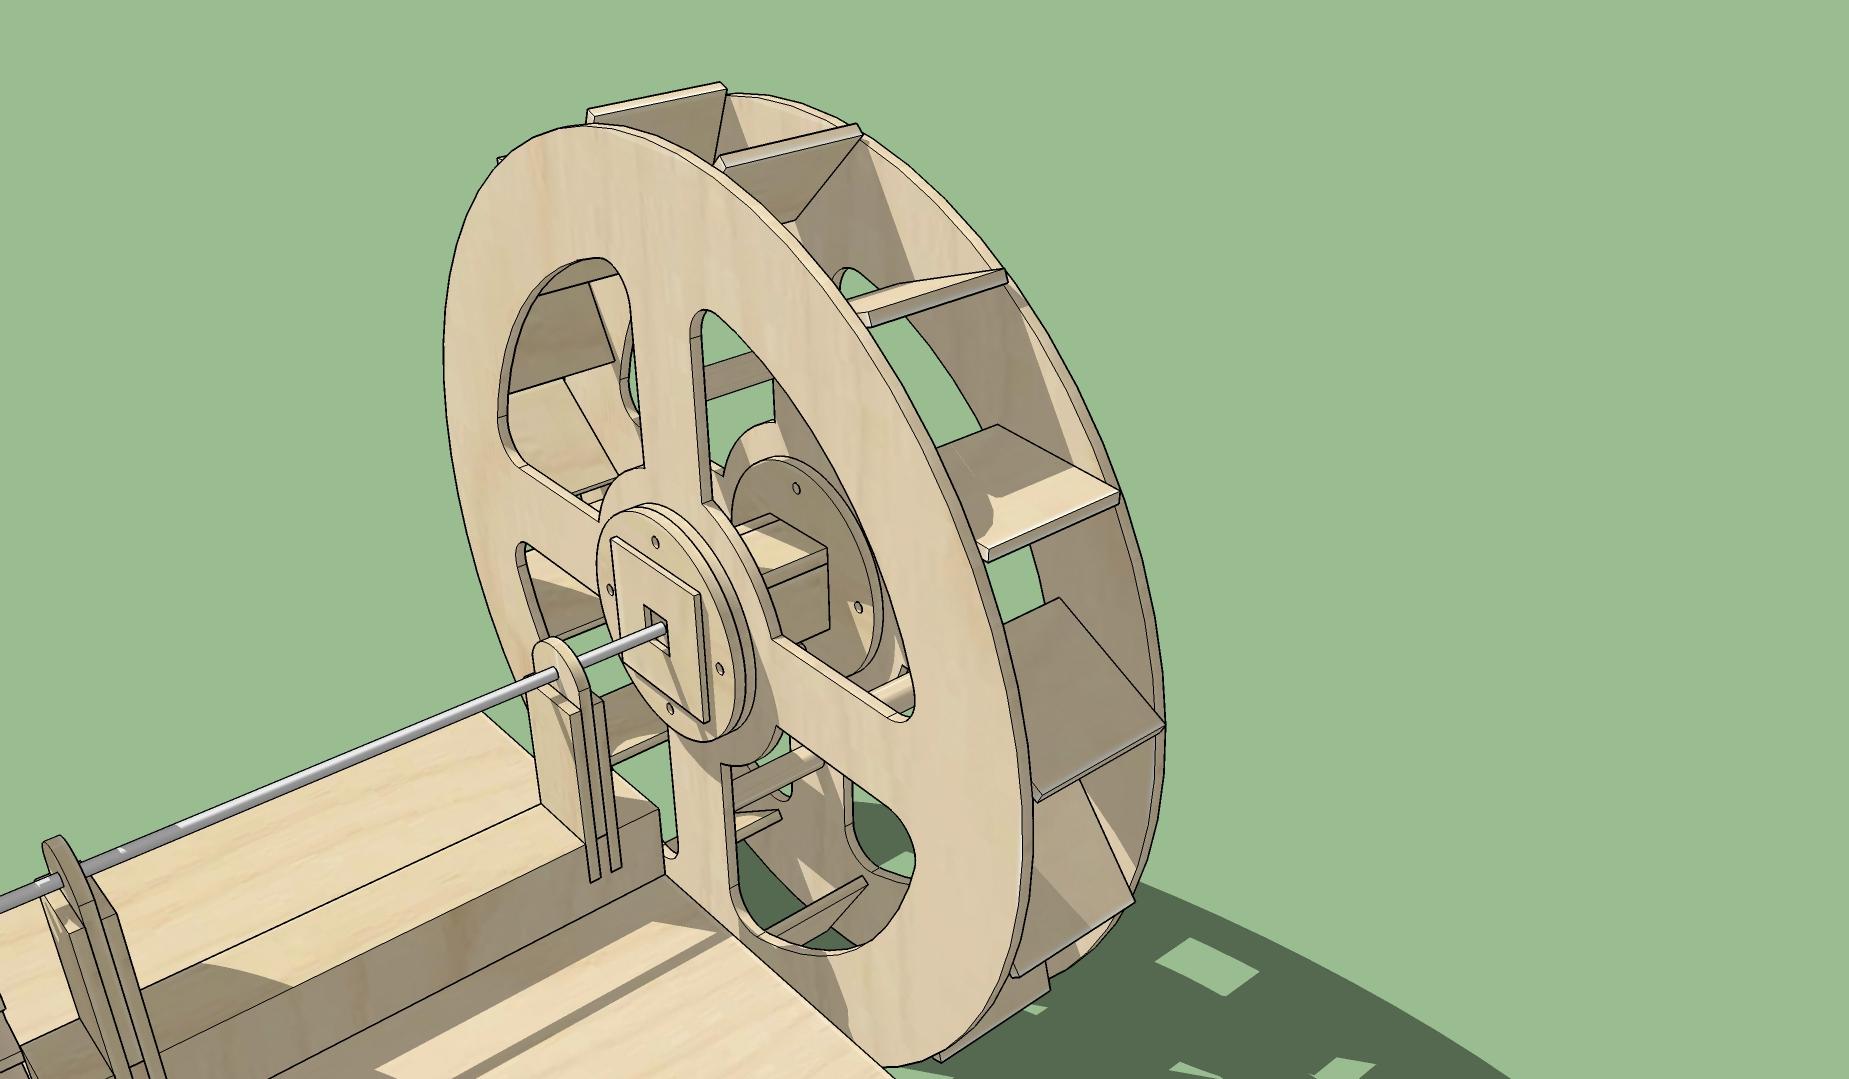 Waterwheel design refined